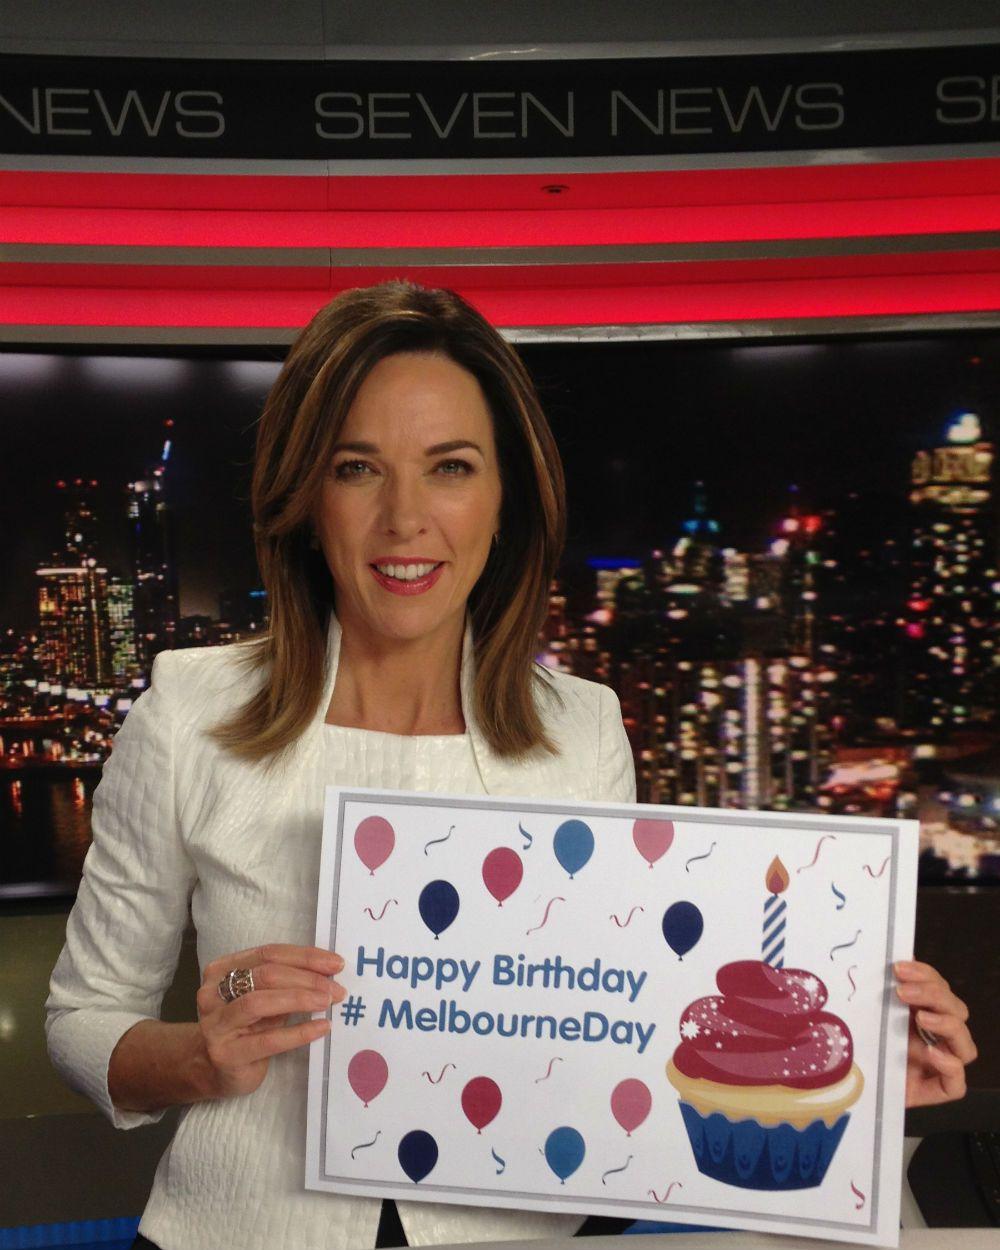 Seven News presenter Jennifer Keyte  #MelbourneDay | About